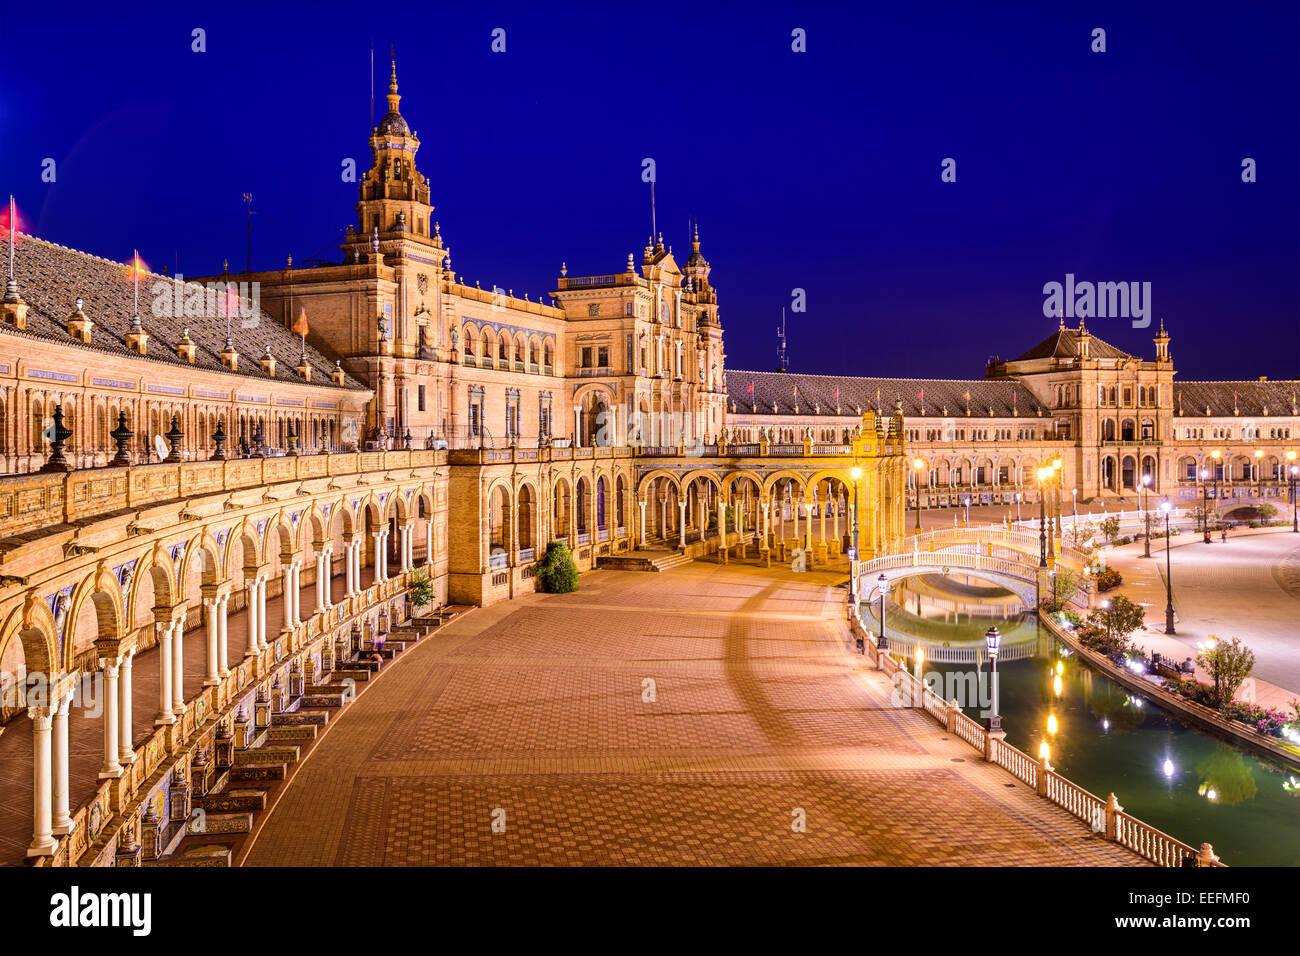 Siviglia, Spagna in Piazza di Spagna. Immagini Stock